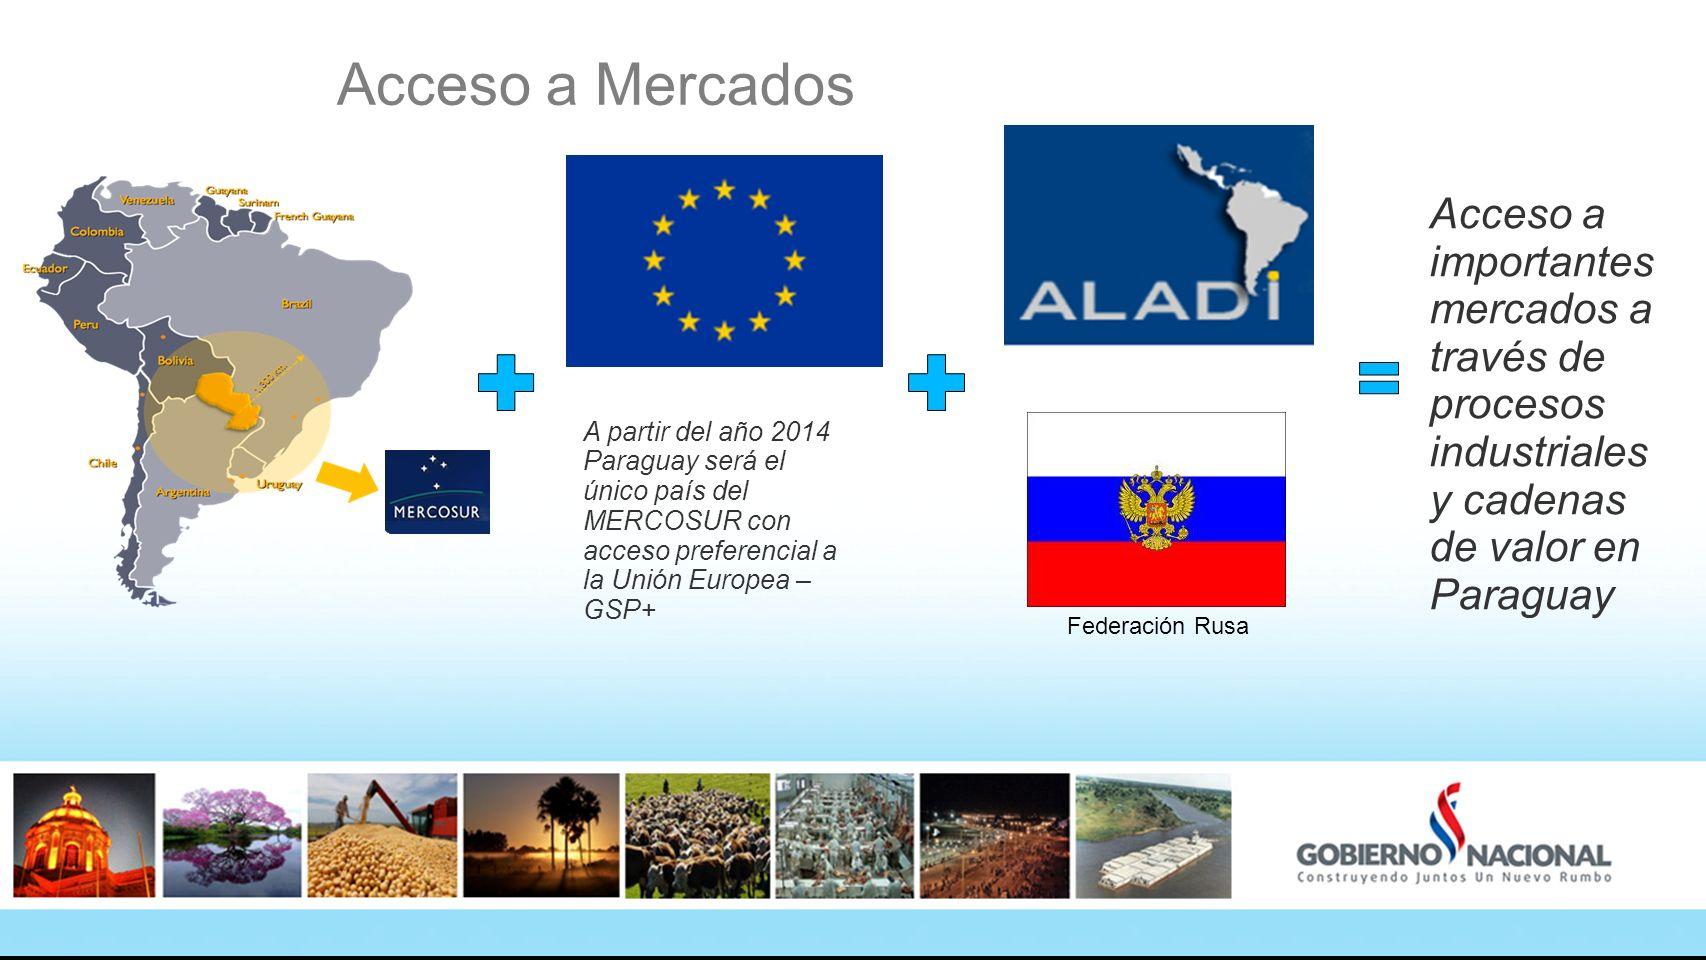 Acceso a Mercados Acceso a importantes mercados a través de procesos industriales y cadenas de valor en Paraguay.